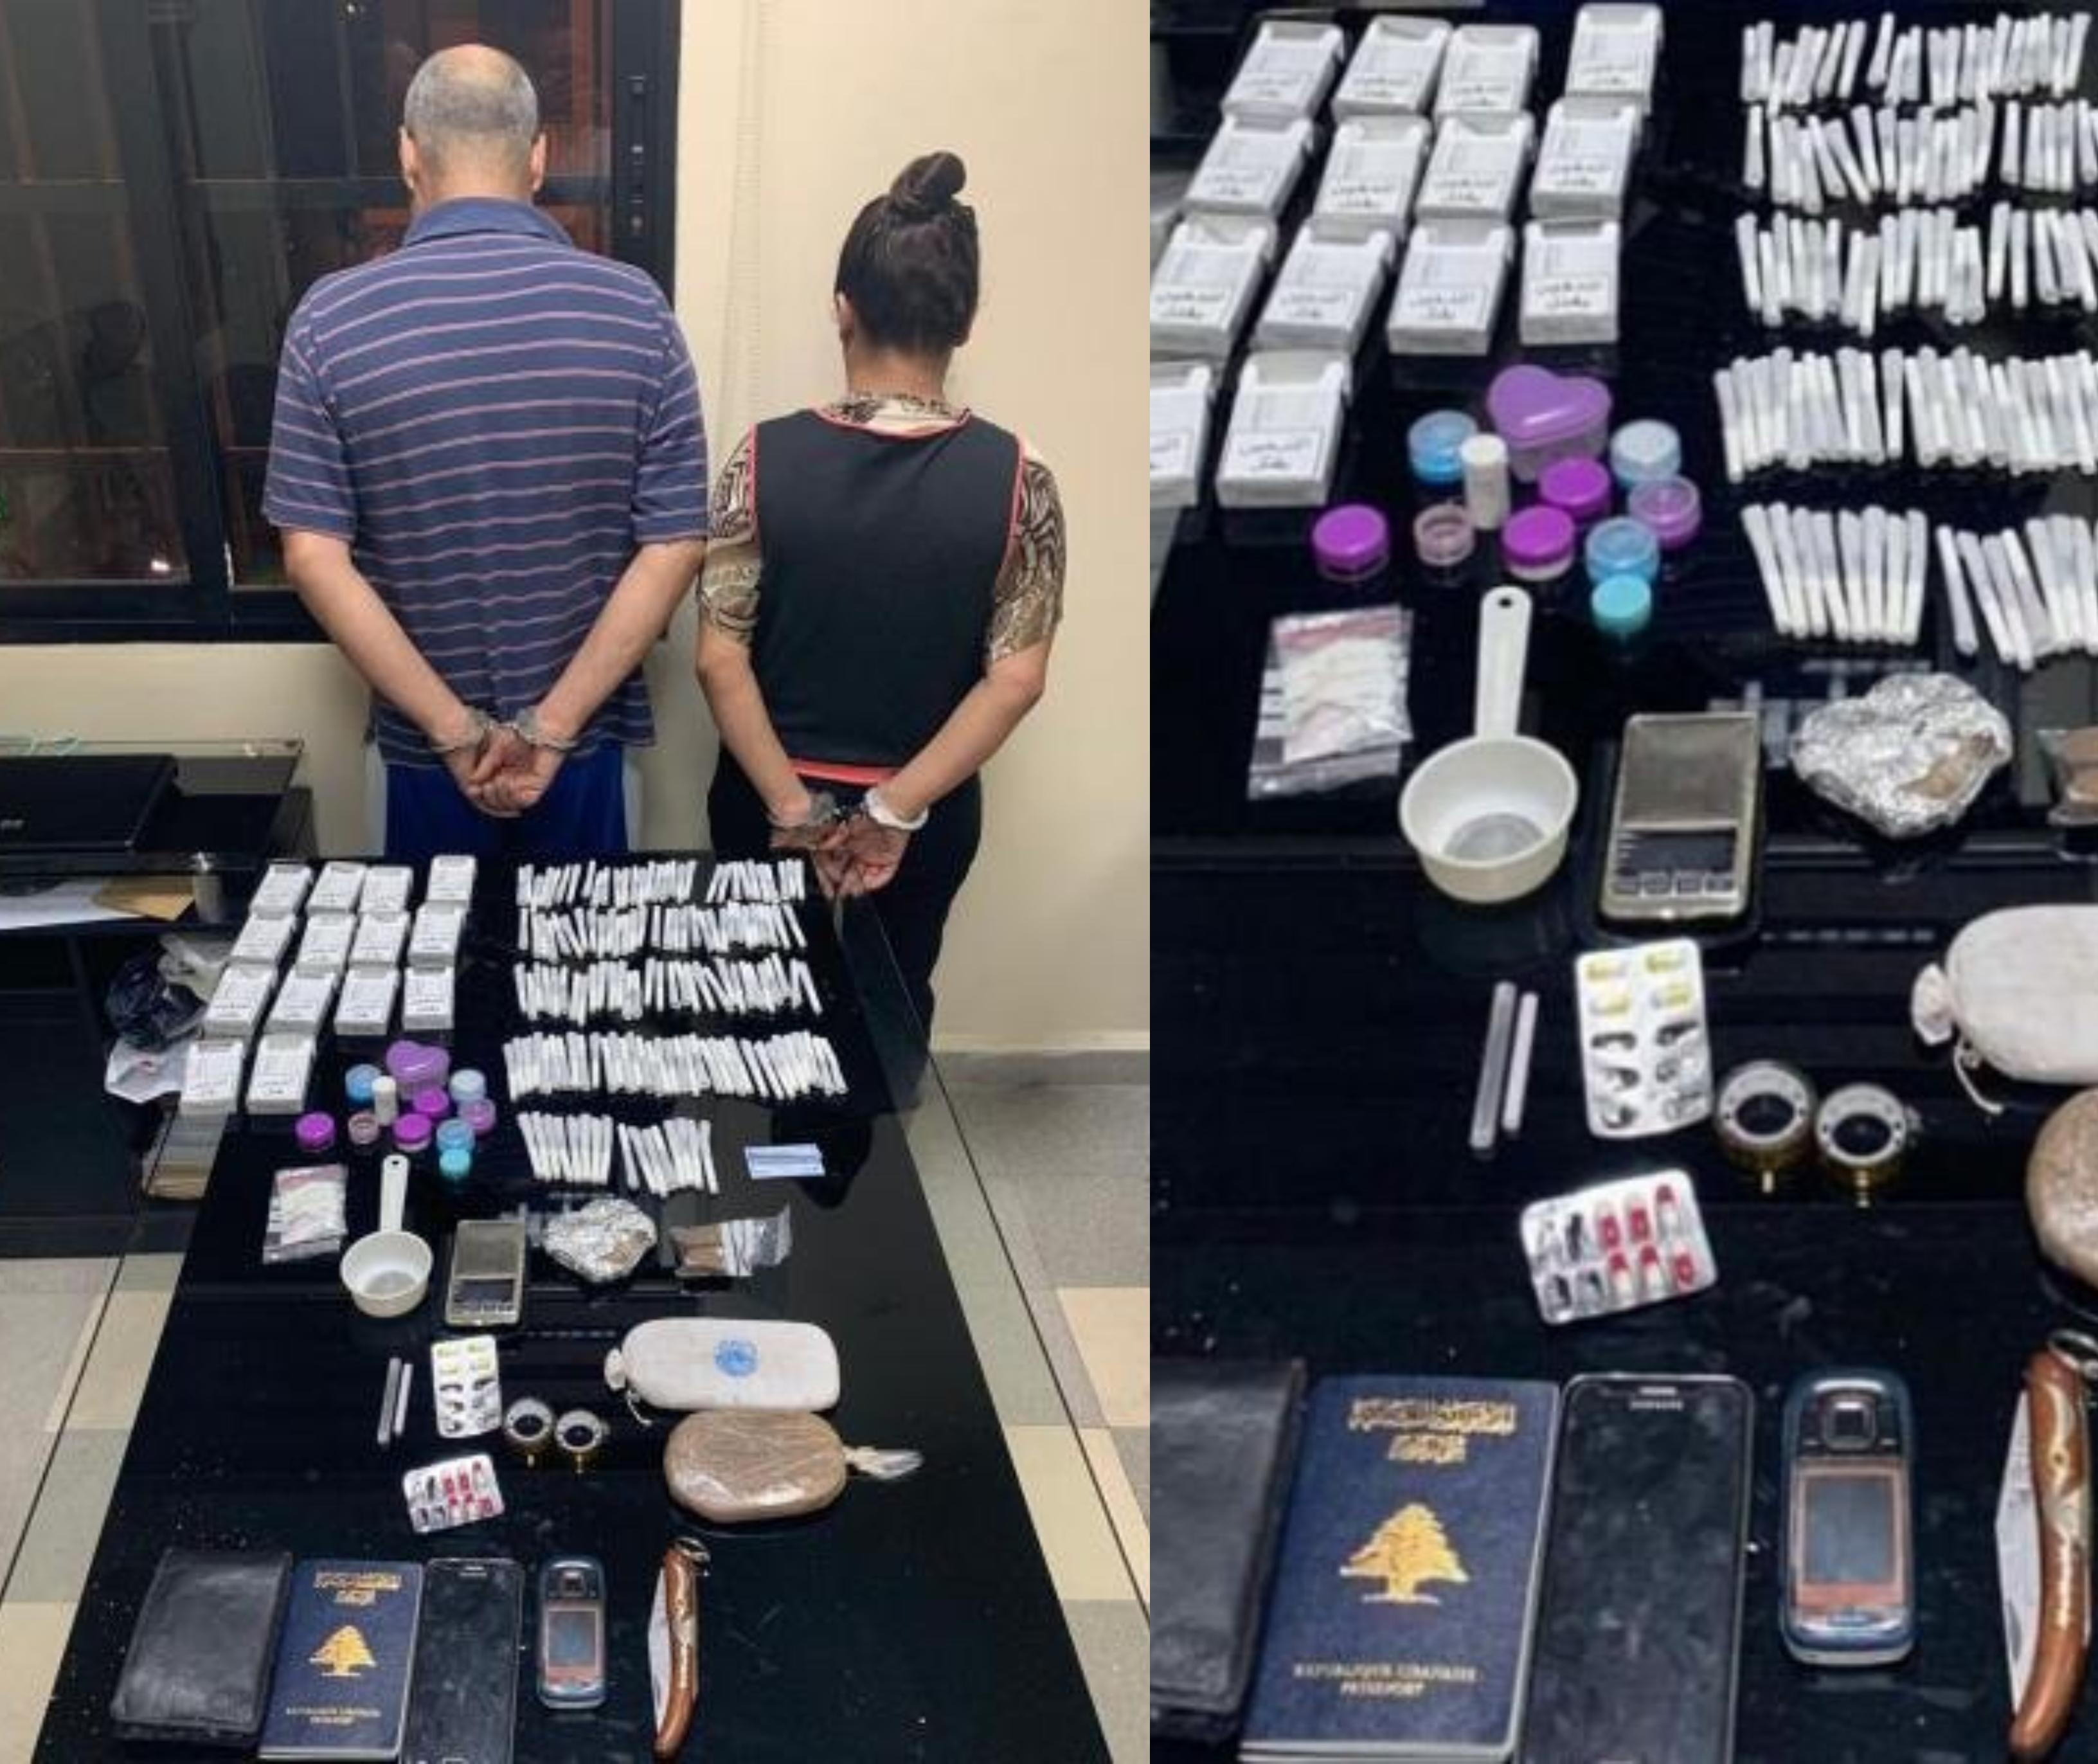 """""""تجار الموت""""...مكتب مكافحة المخدرات يوقف مروجي مخدرات من بينهم رجل وزوجته التي تملك هوية مزورة على انها ابنته !"""